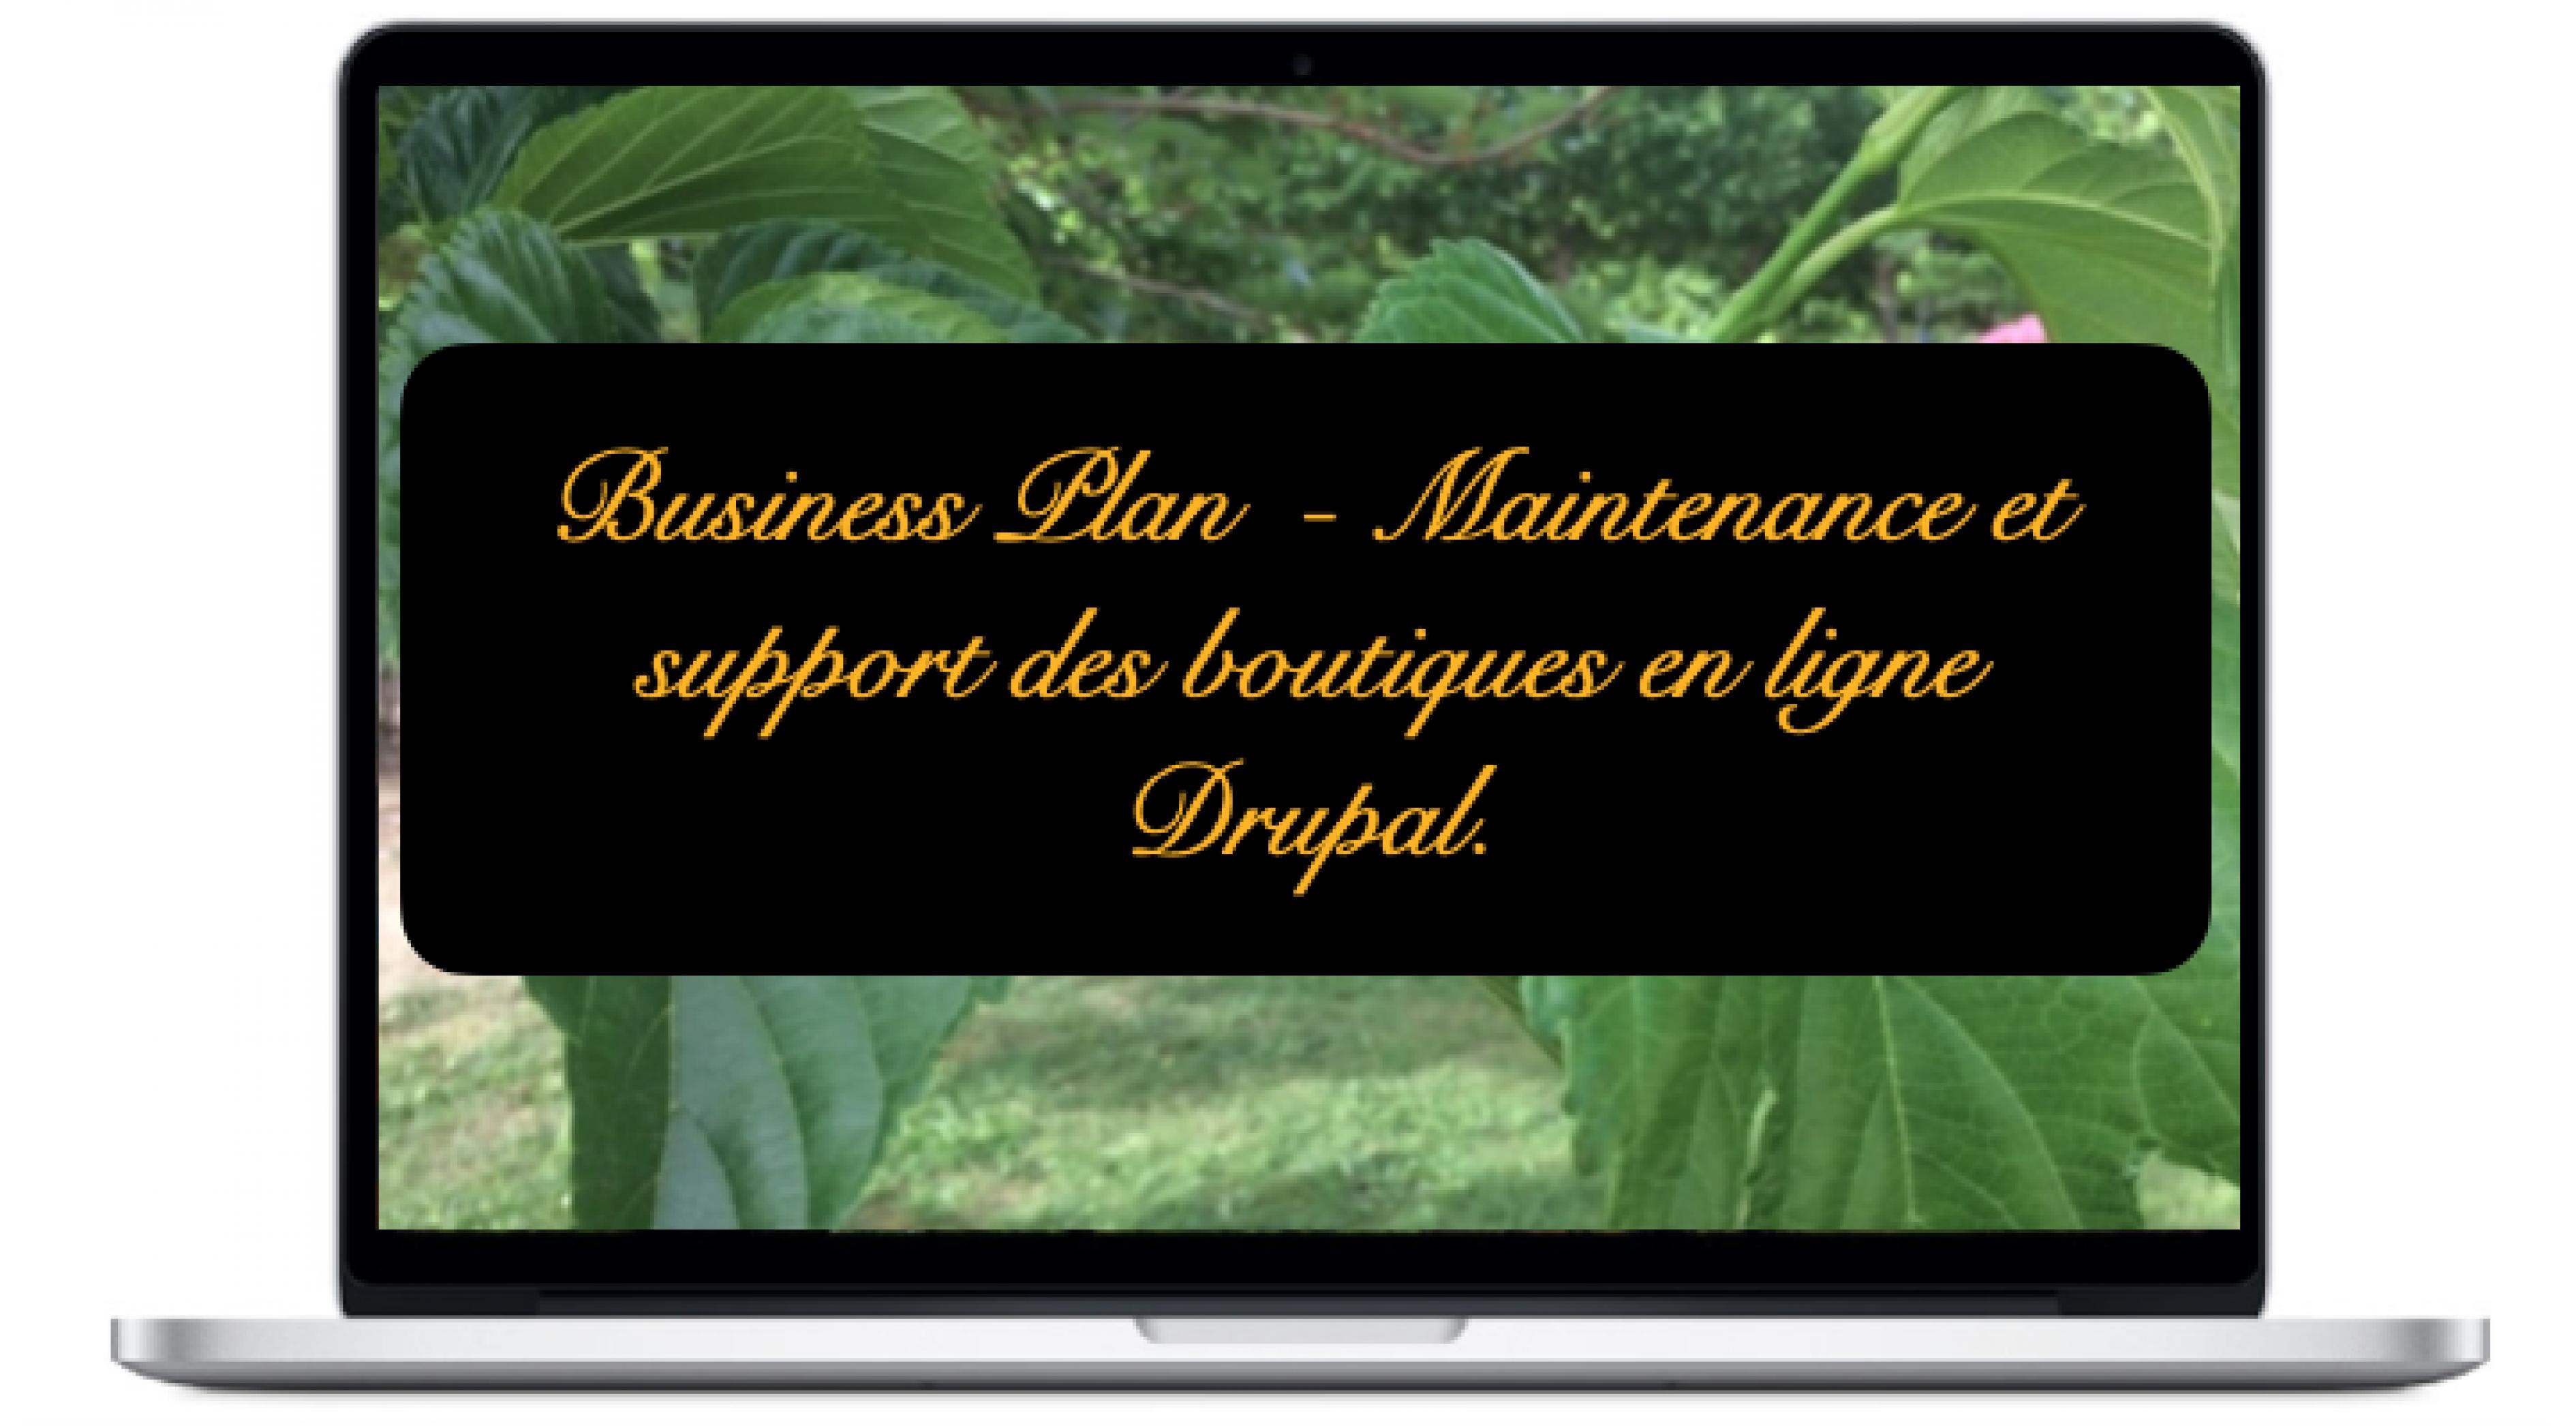 business-maintenance-et-support-des-boutiques-en-ligne-drupal_2